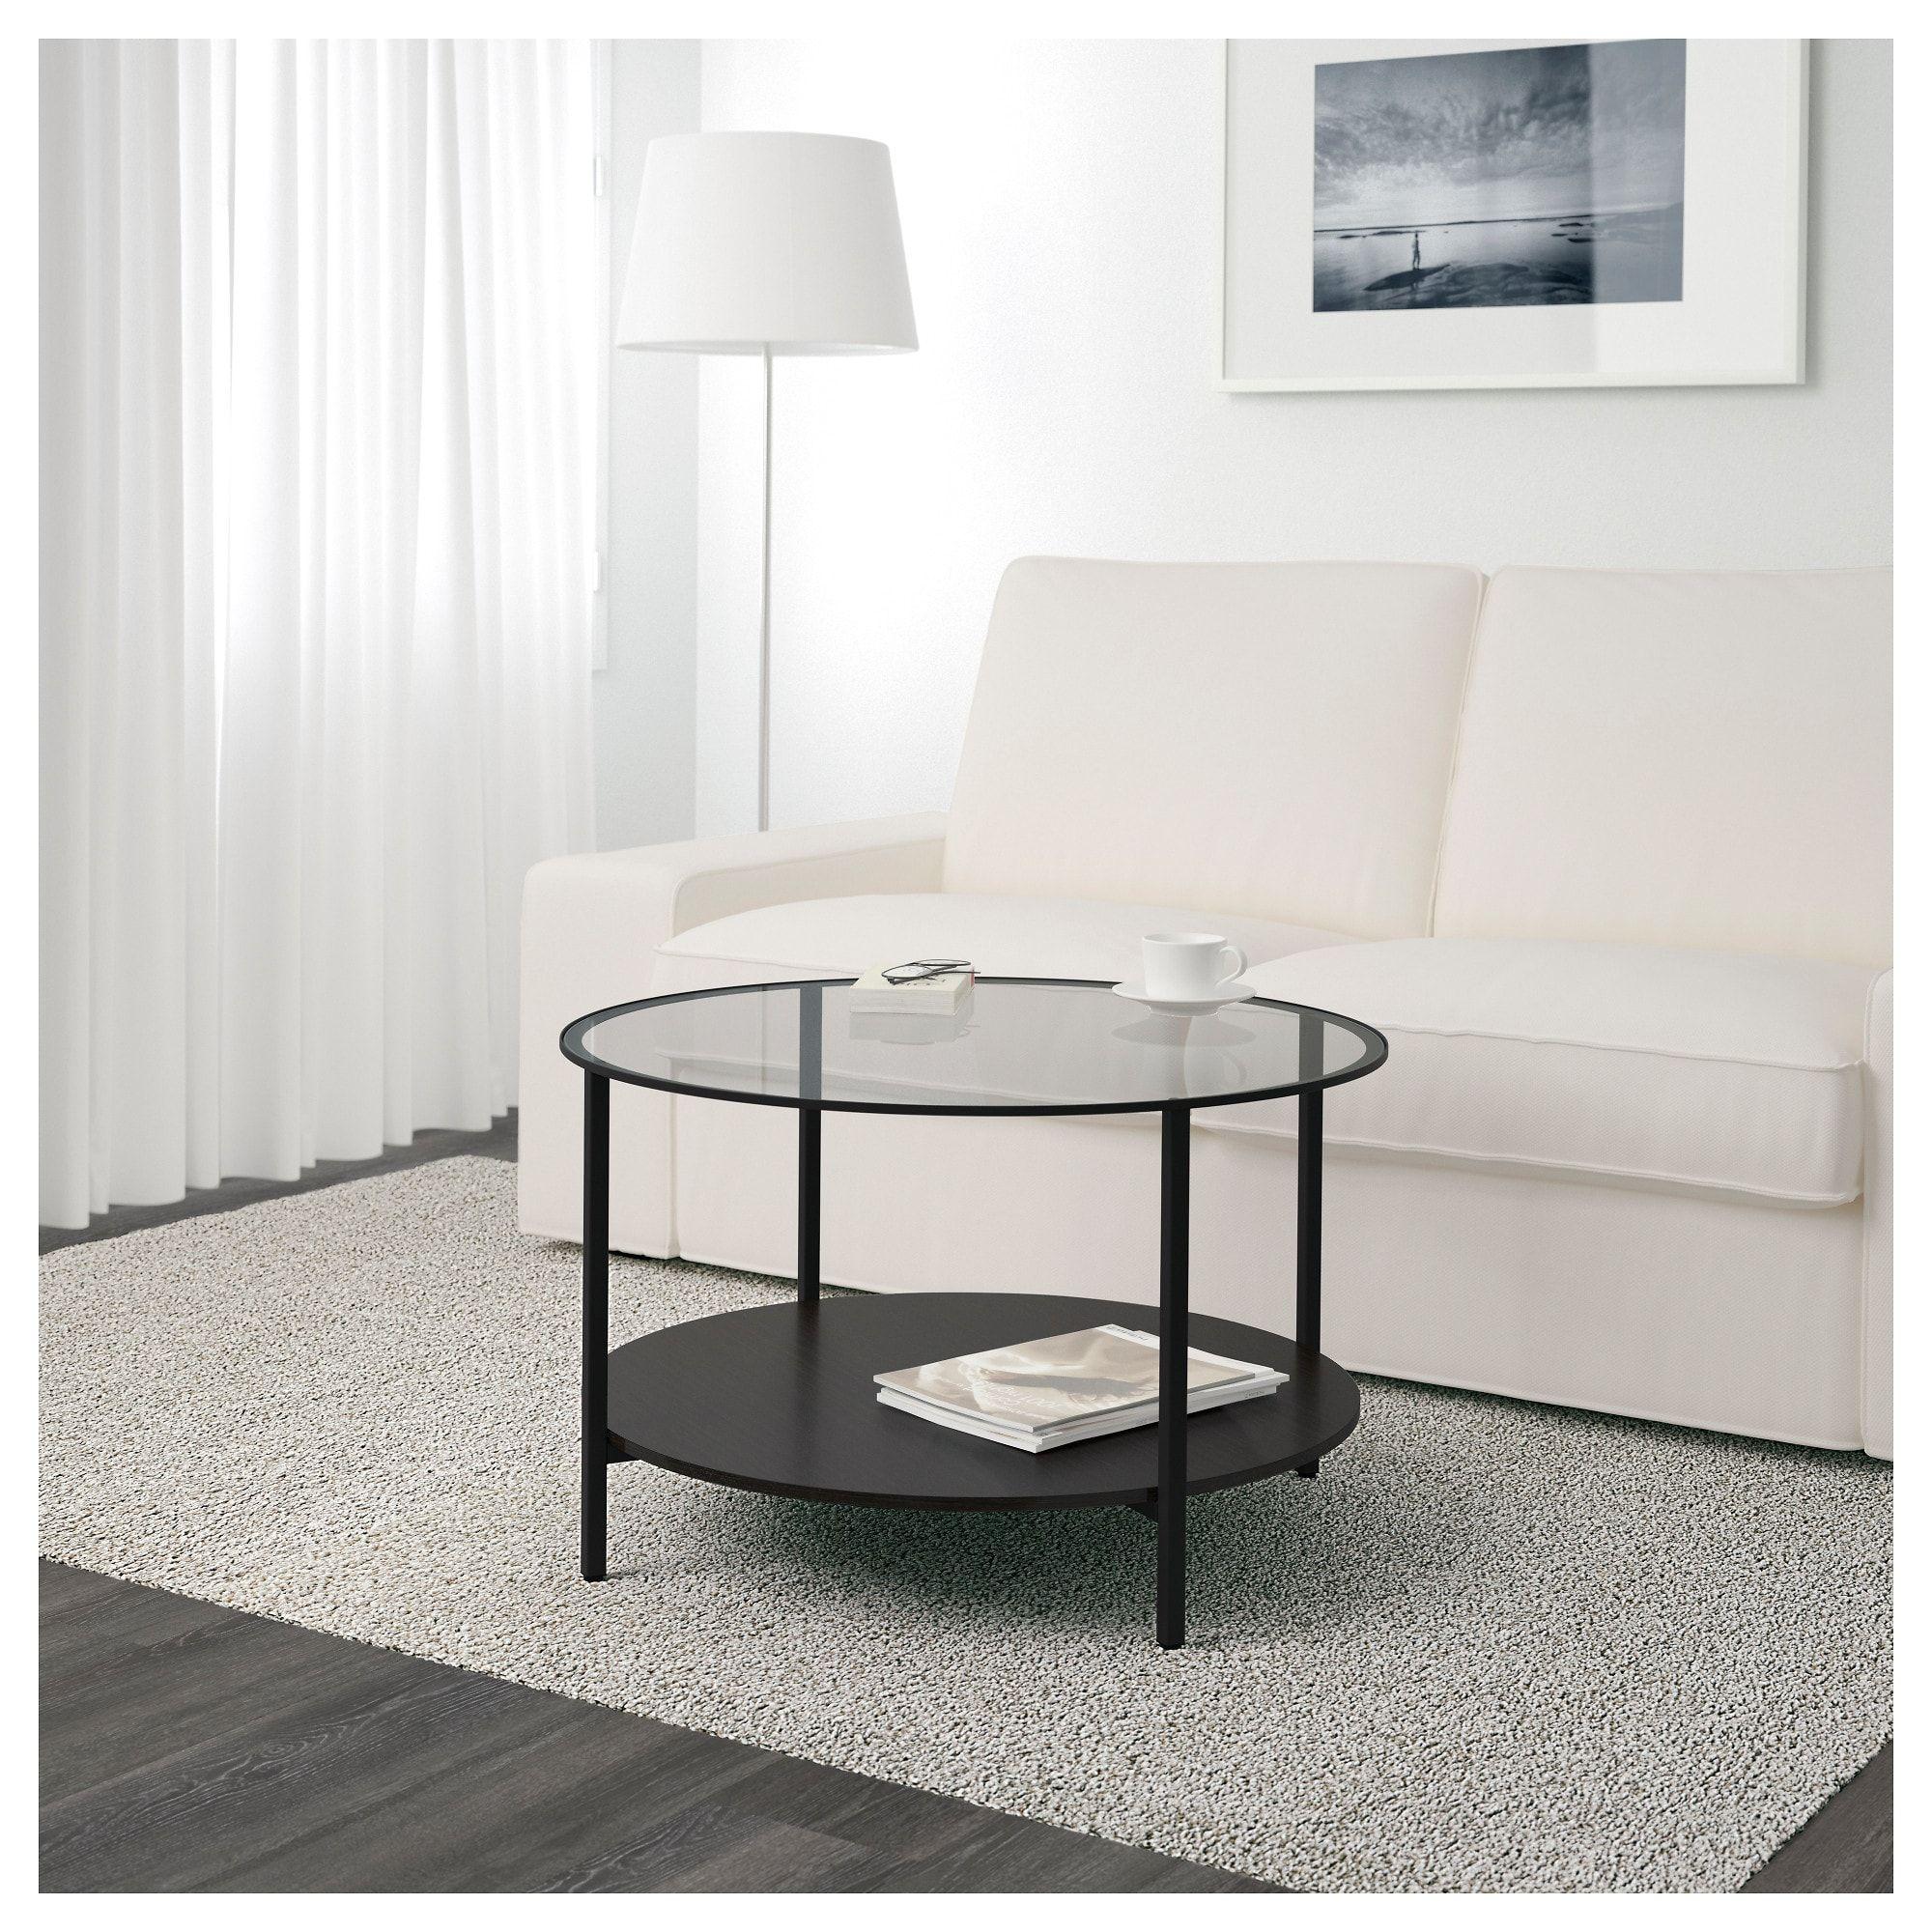 nouveau produit 3c3cc f8811 VITTSJÖ Table basse - blanc, verre | HOME 2019 en 2019 ...